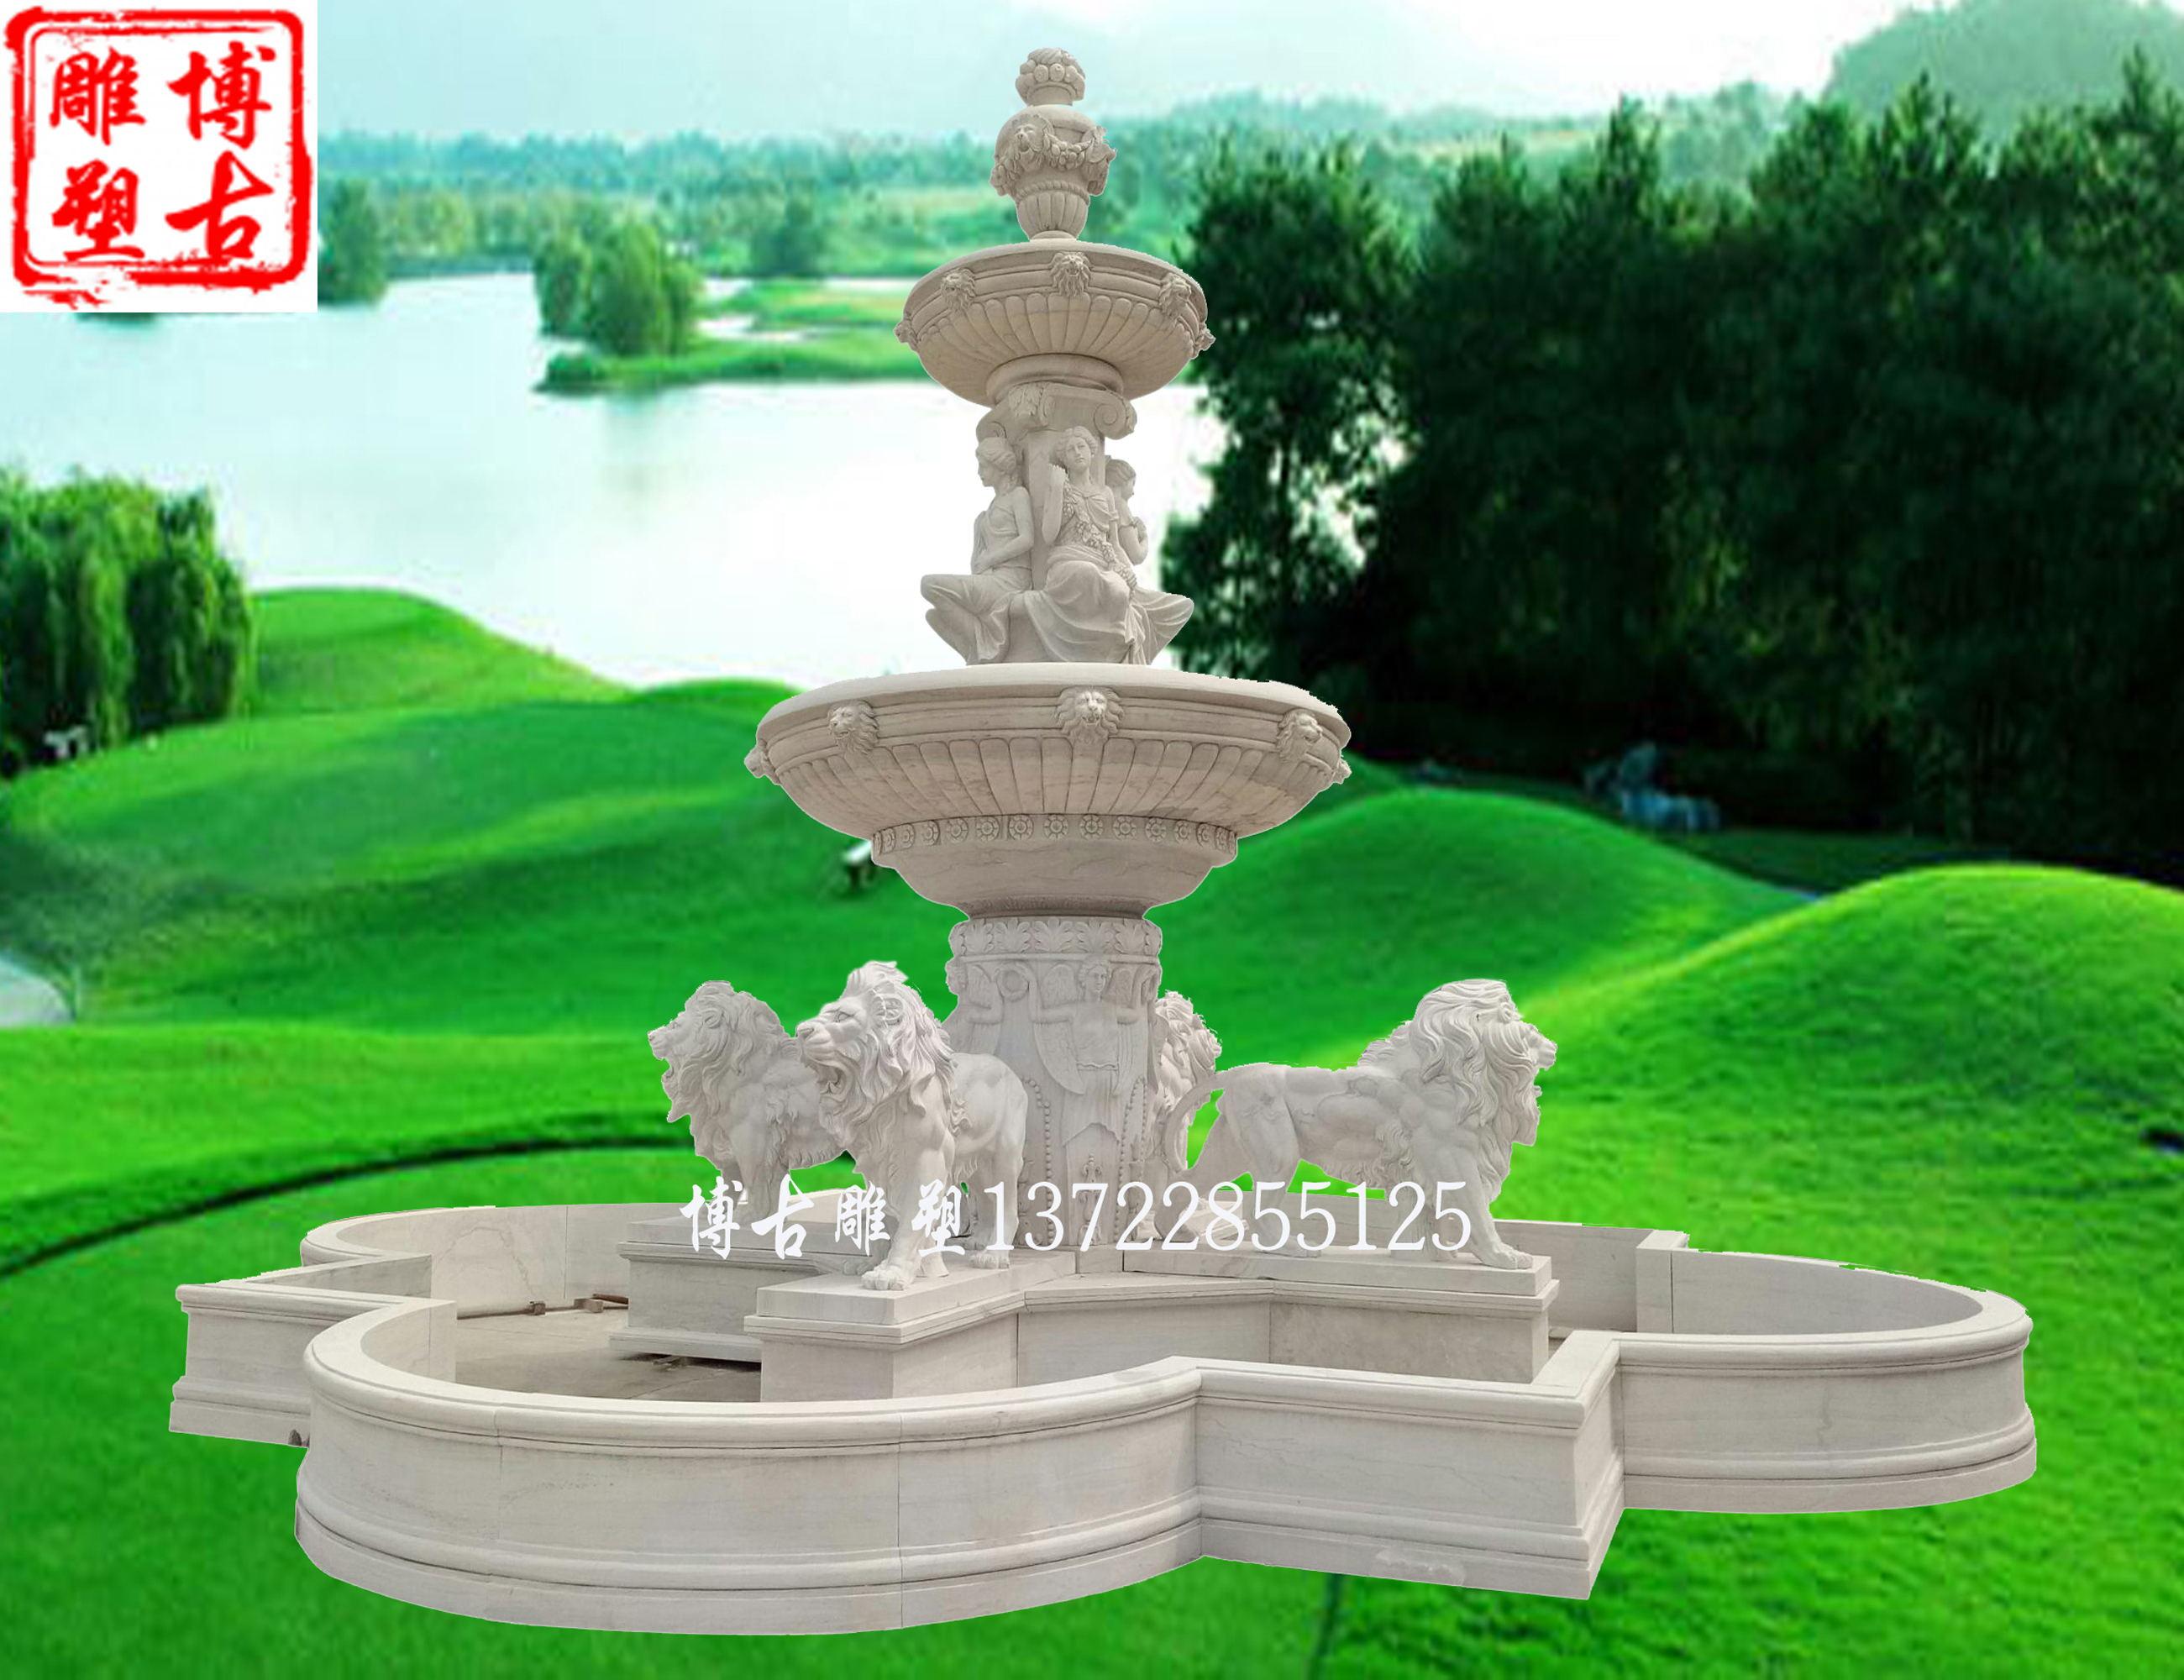 石雕喷泉 汉白玉石雕喷泉 欧式狮子喷泉